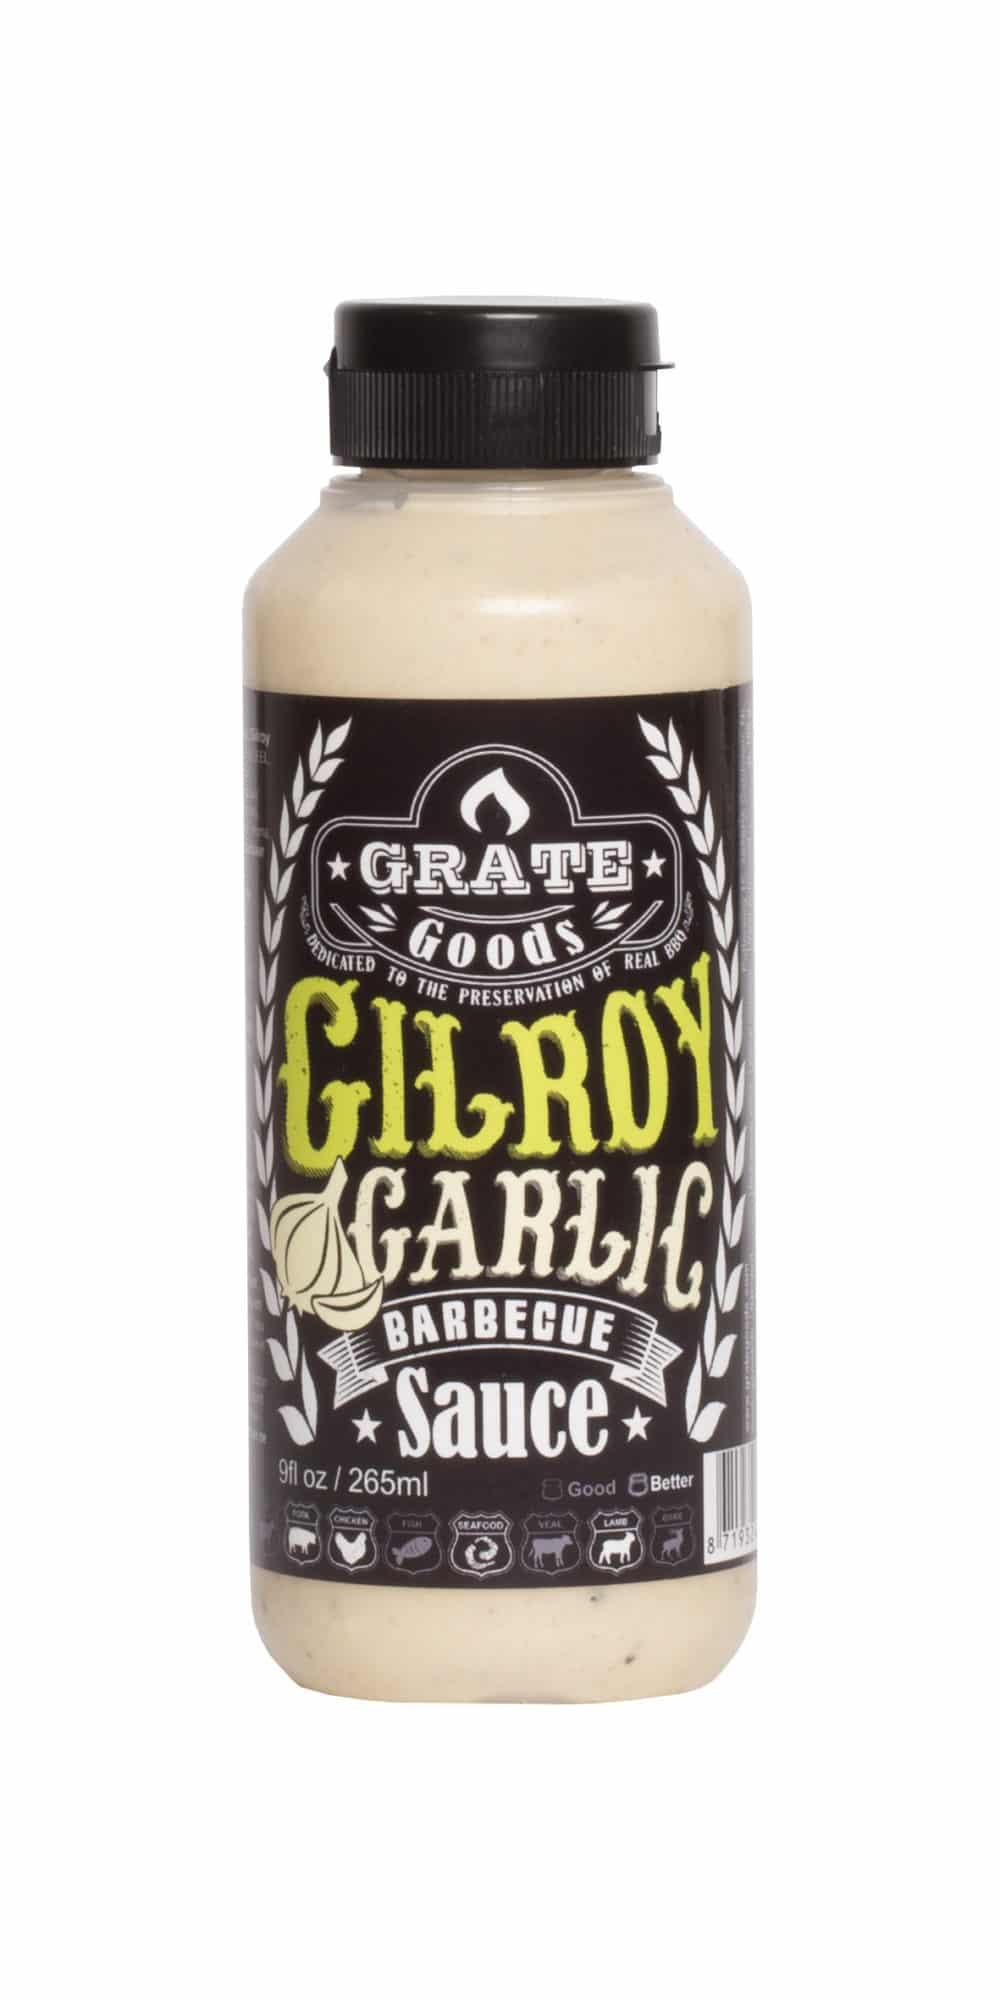 Gilroy garlic sauce